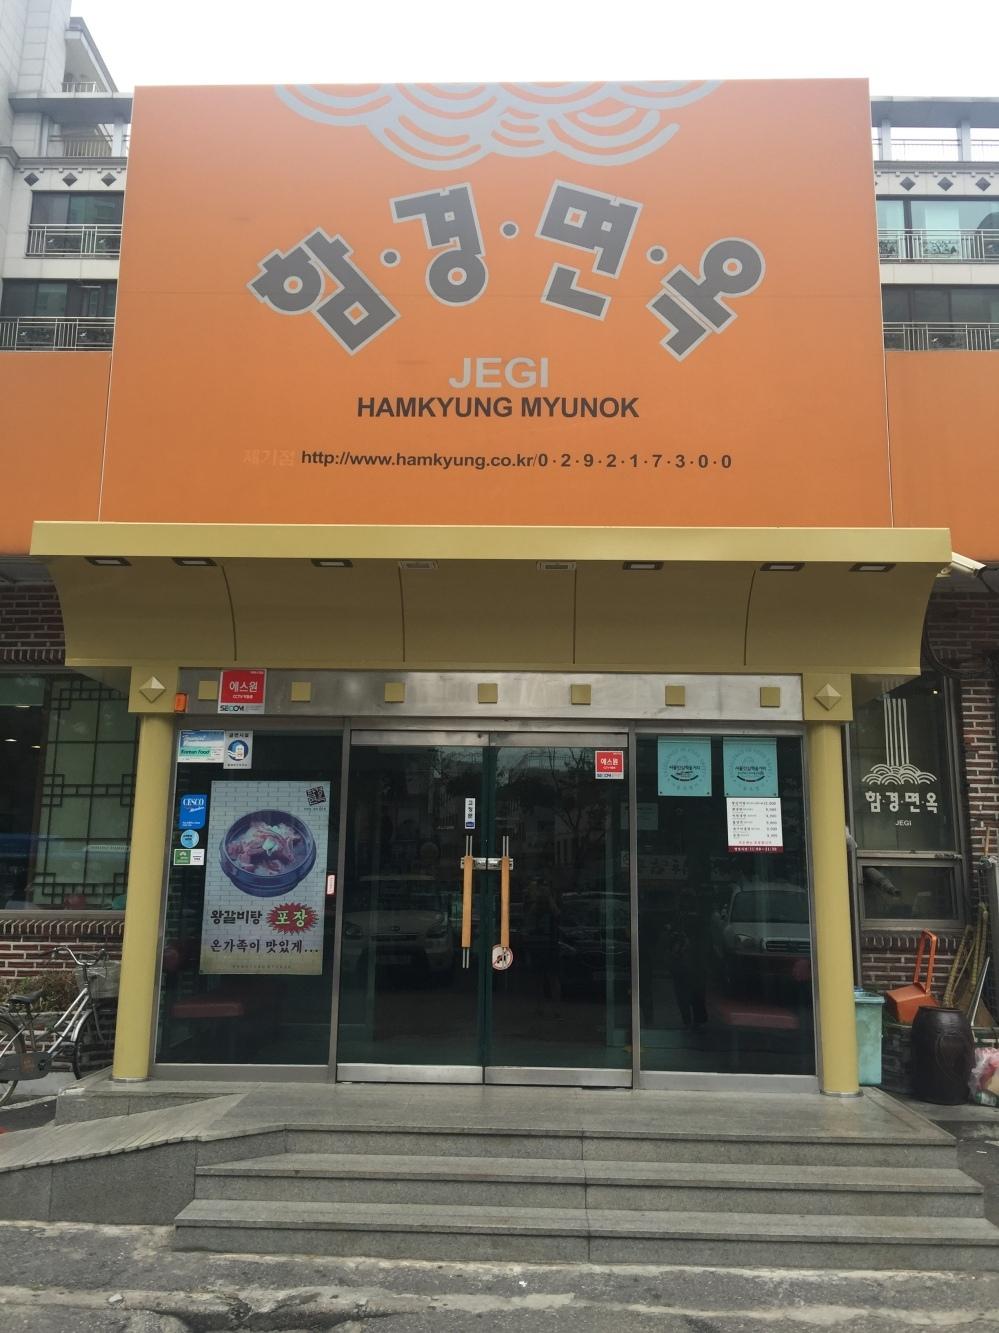 [서울/동대문구 - 제기동]함경면옥 - 갈비탕